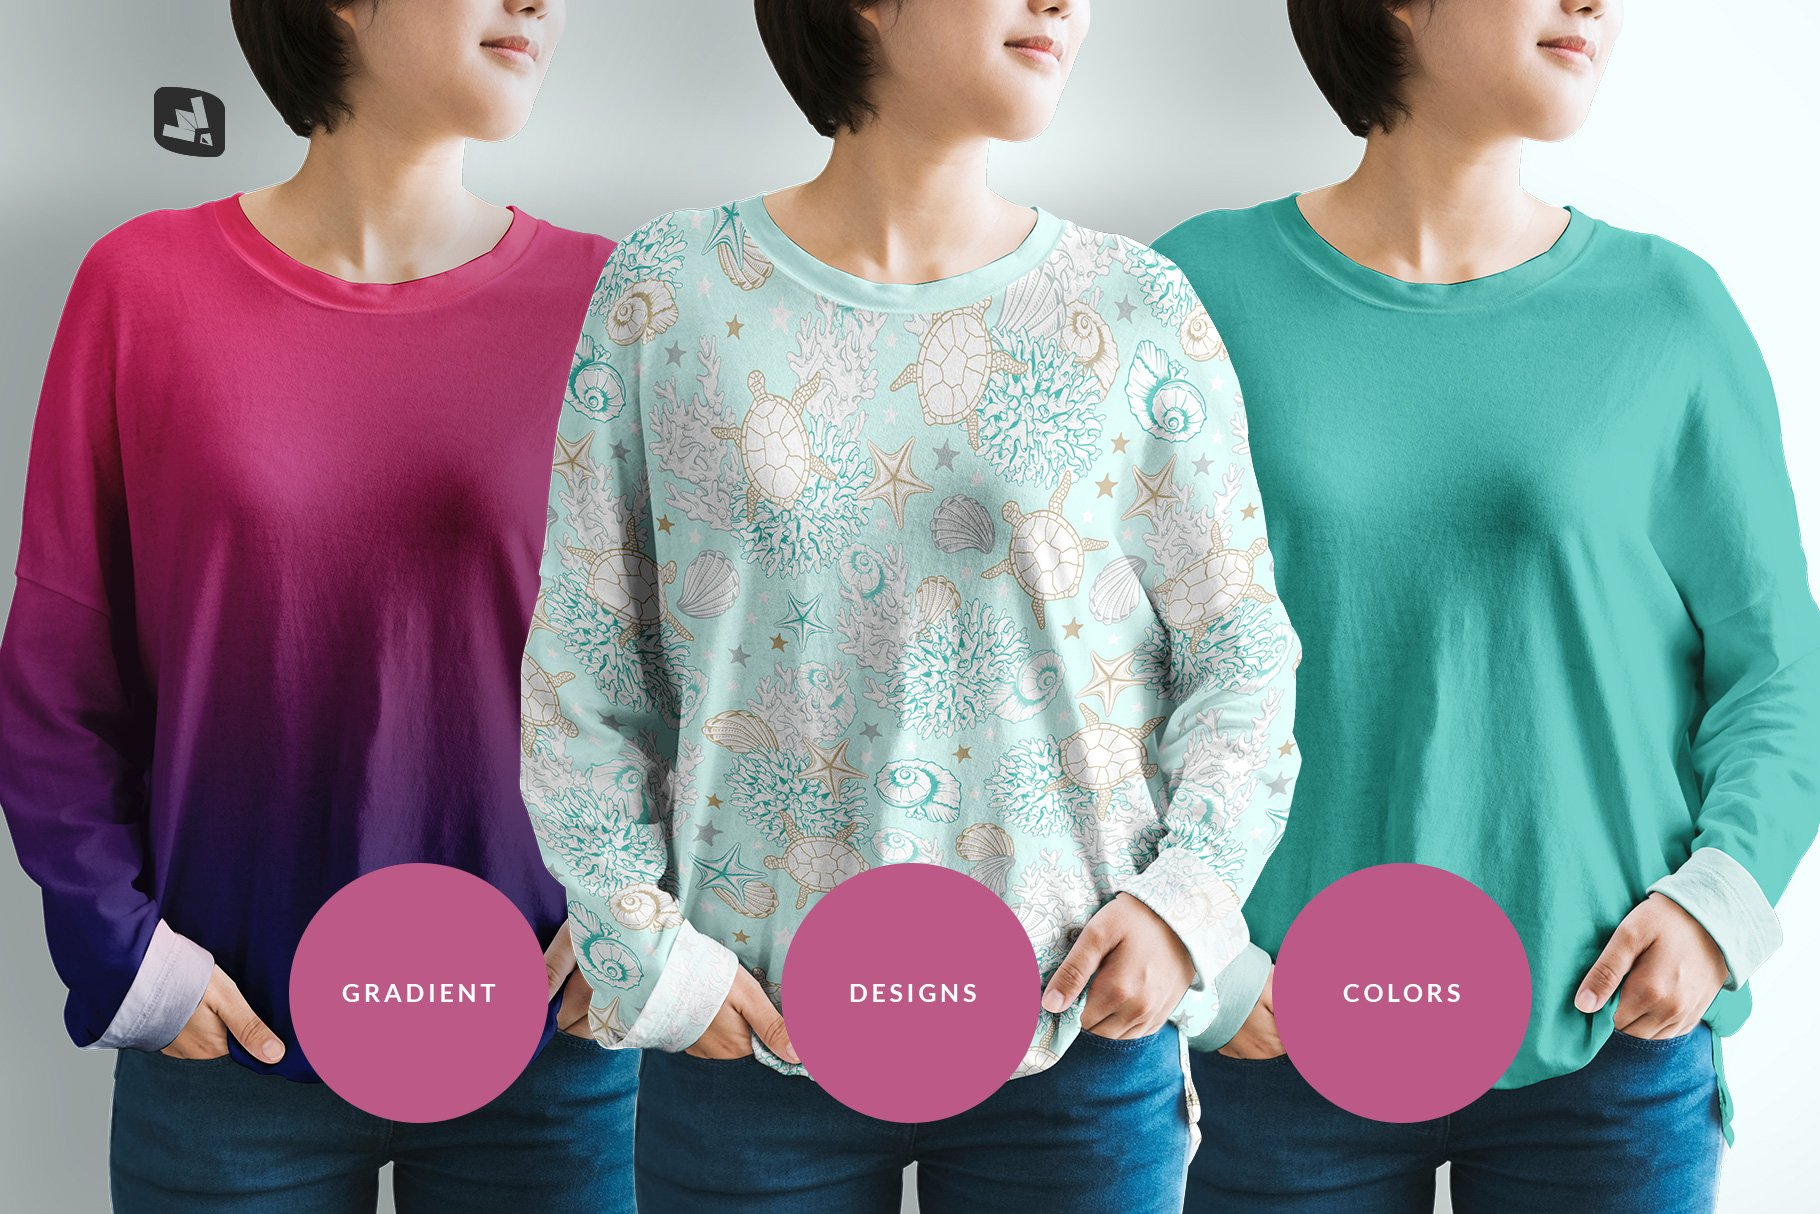 女士半袖T恤印花图案设计展示贴图样机模板素材 Womens Full Sleeve Tshirt Mockup插图1